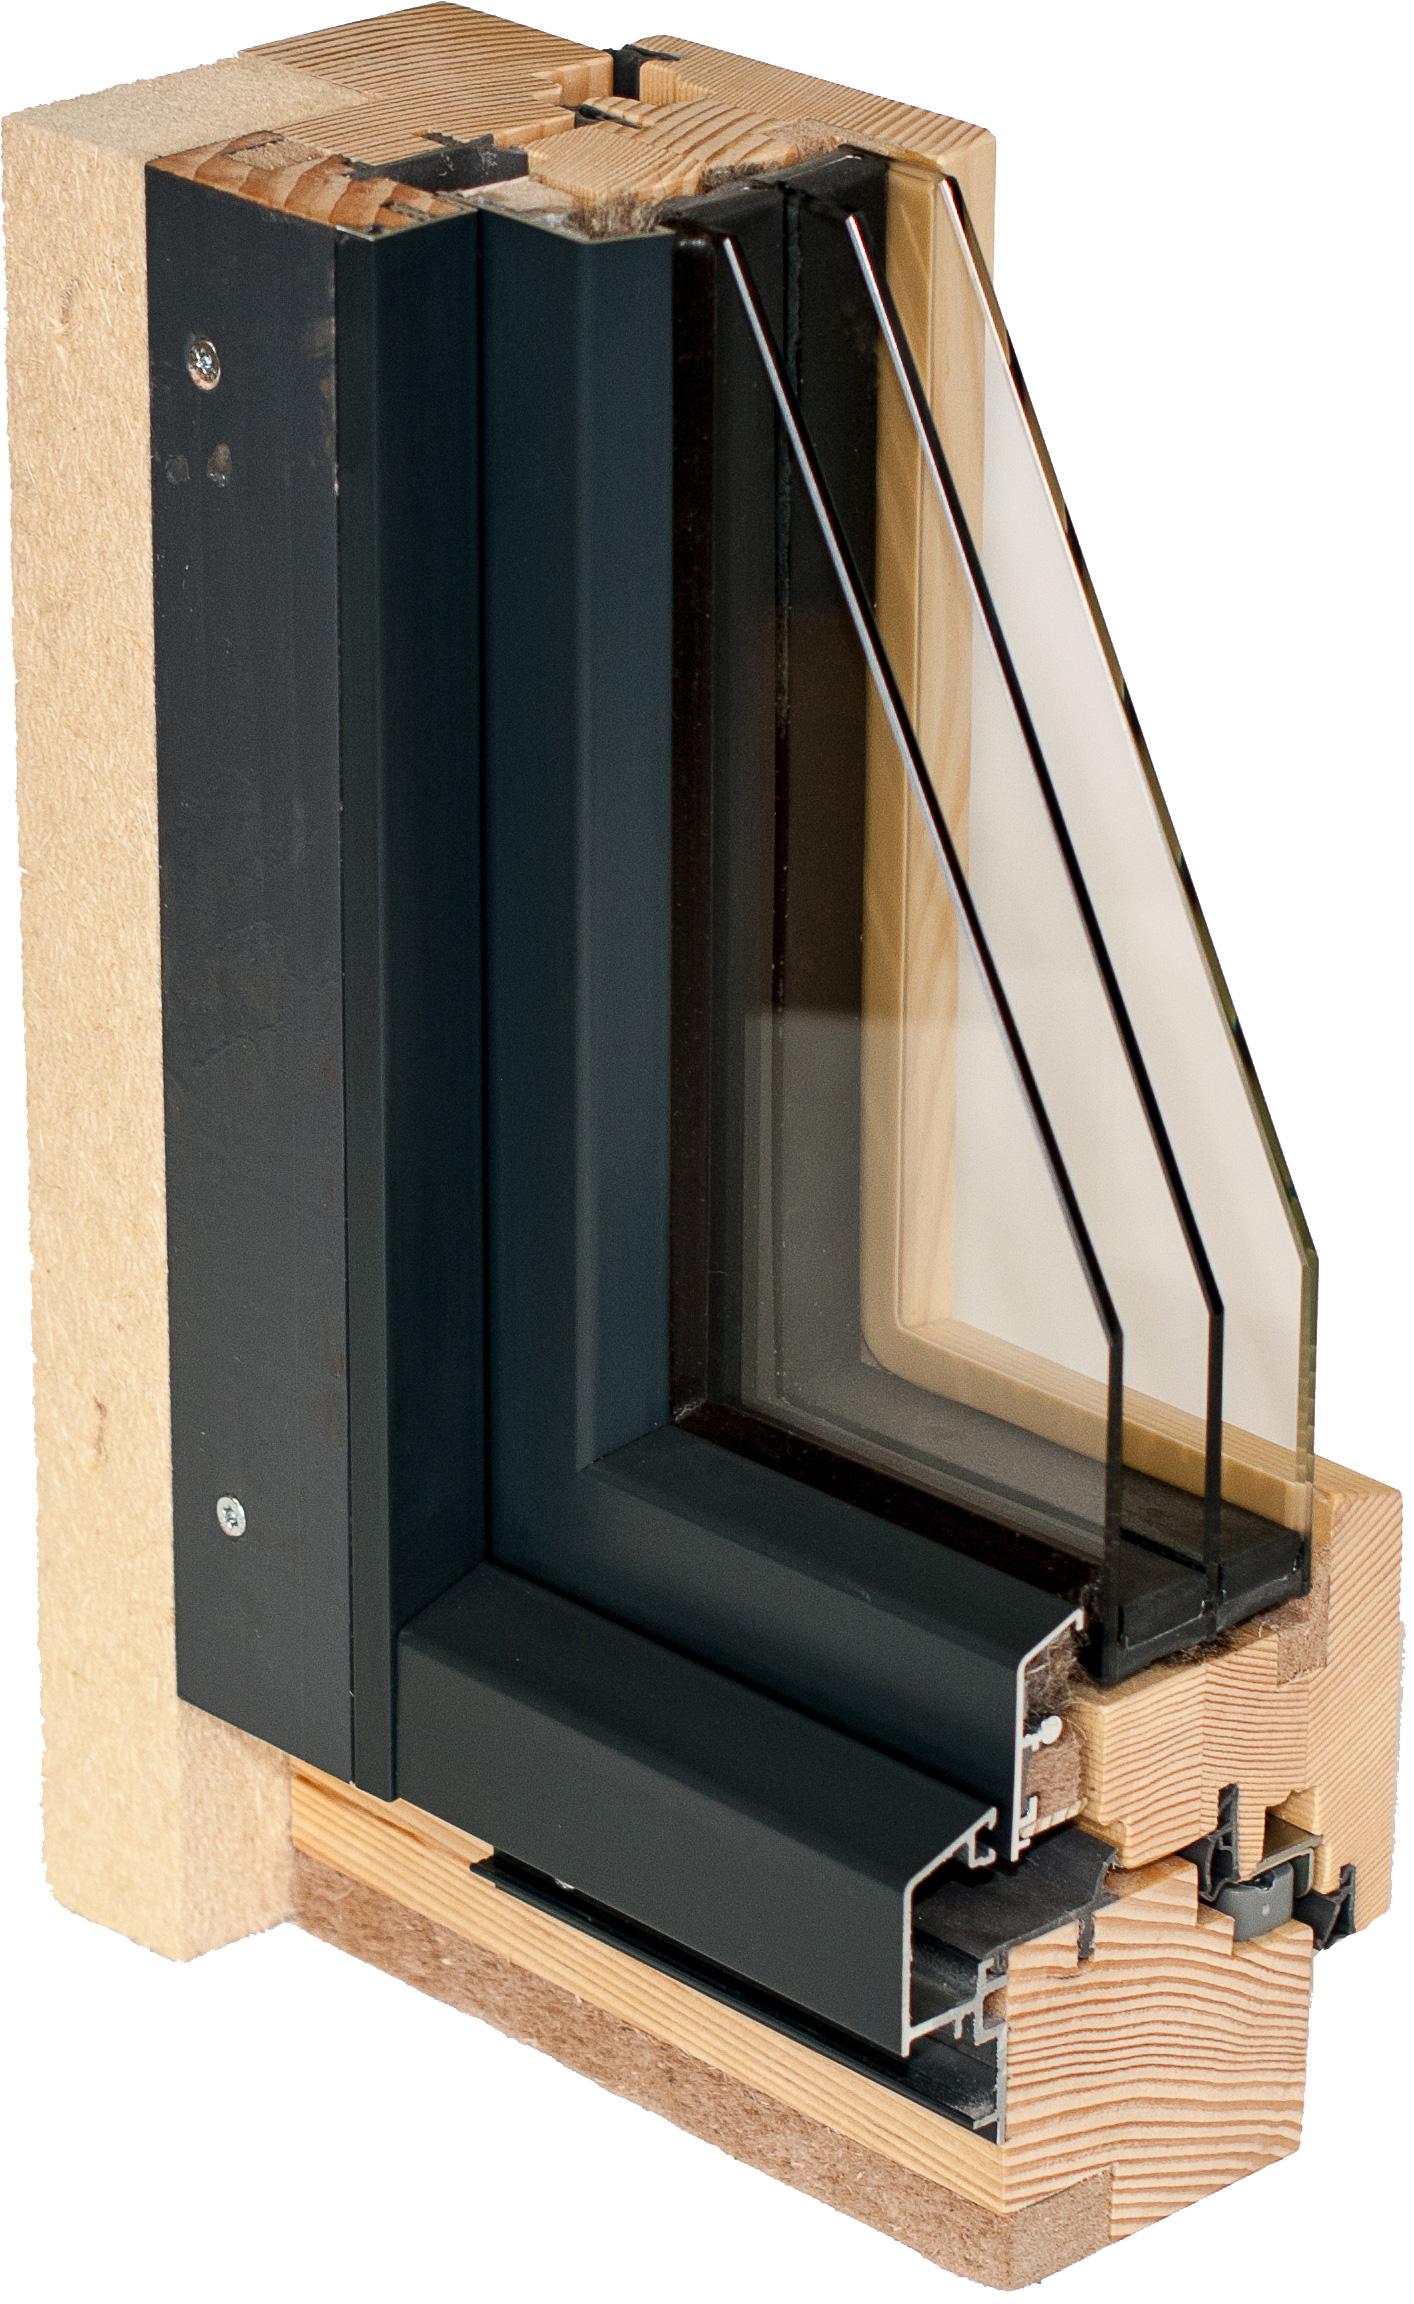 Full Size of Fenster Holz Alu Hersteller Kosten Pro Qm Preisvergleich Kunststoff Preise Online Oder Kunststofffenster Preisliste Josko Aluminium Kaufen Holz Aluminium Fenster Fenster Holz Alu